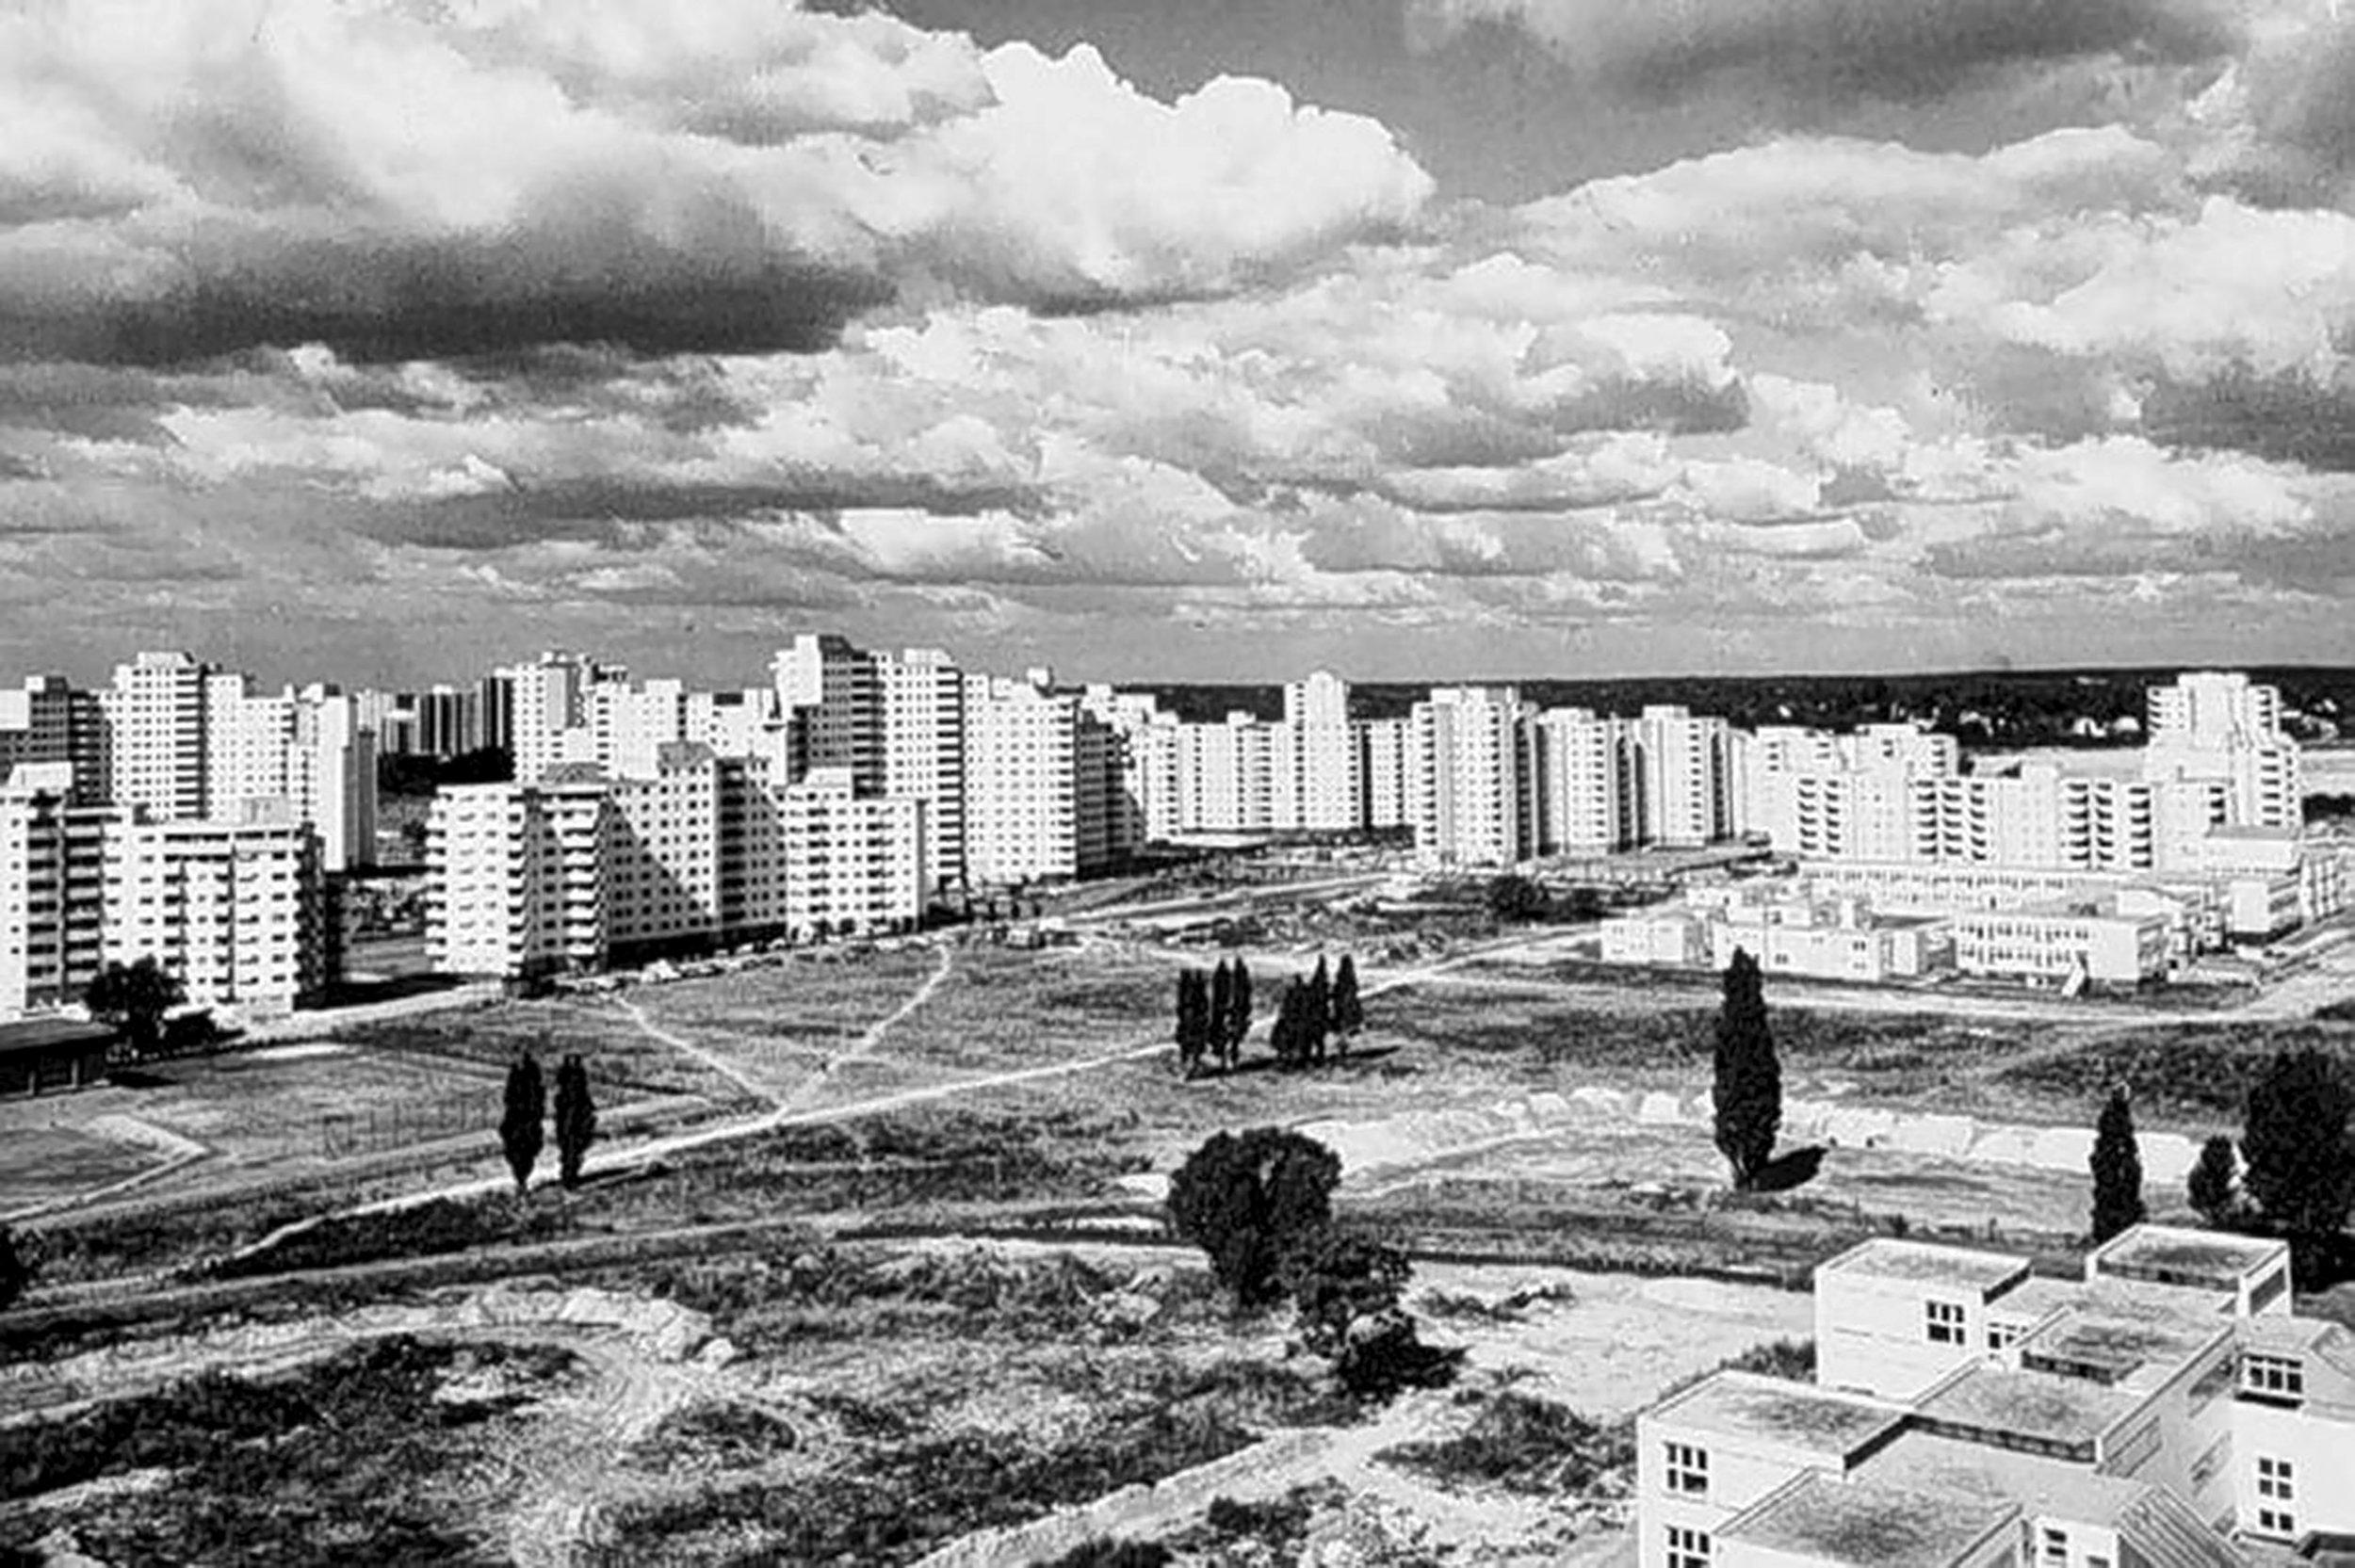 Bostadsmarknaden inte bara kan handla om kvantiteter. Här är en bild över Gropiusstadt, ett storskaligt bostadsområde i Berlin.